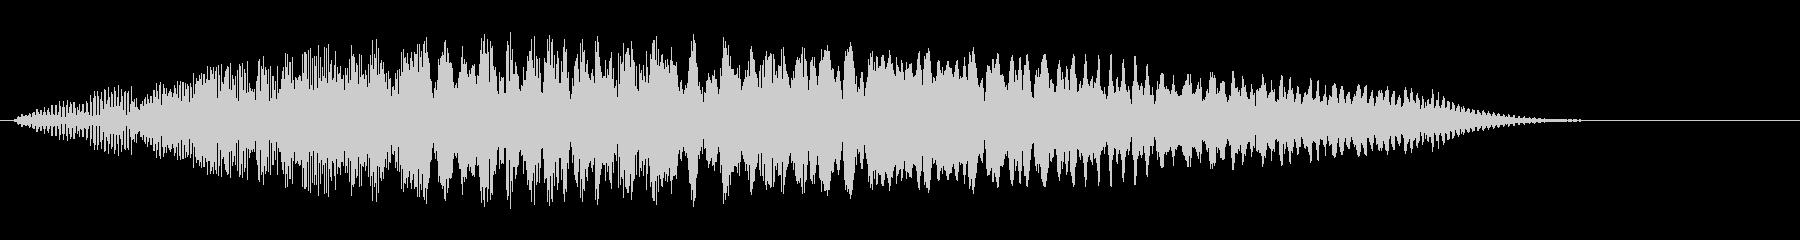 ブゥウィーン(電子音が上昇する効果音)の未再生の波形